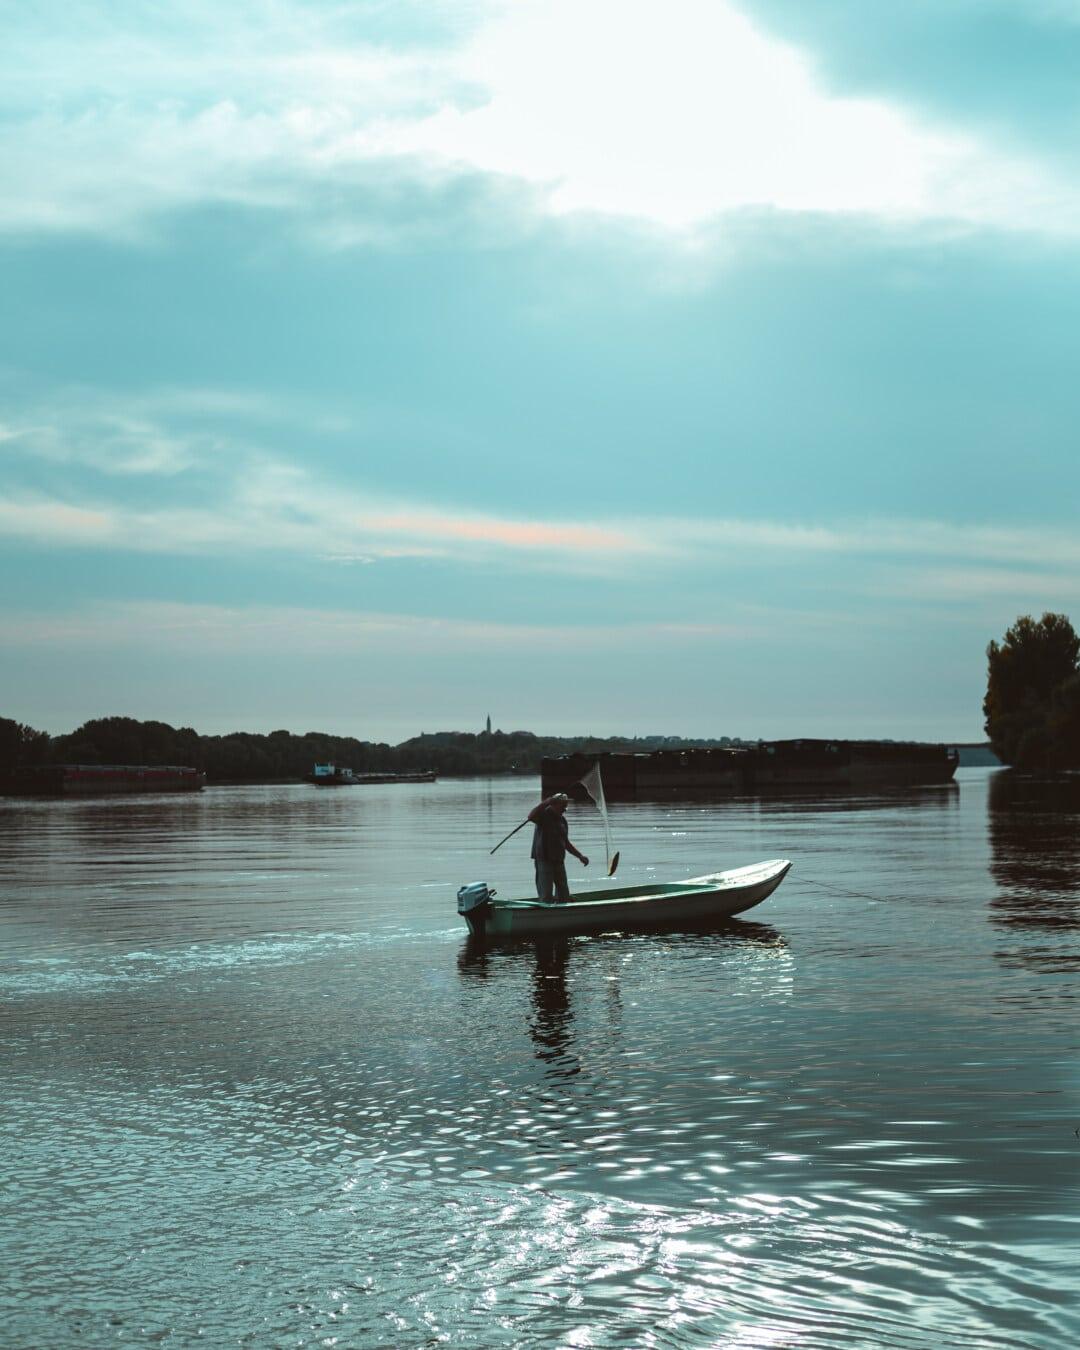 rybár, ryby, rybársky výstroj, Rybolov, rybársky čln, zariadenie, voda, loďou, kanoe, vodné skútre